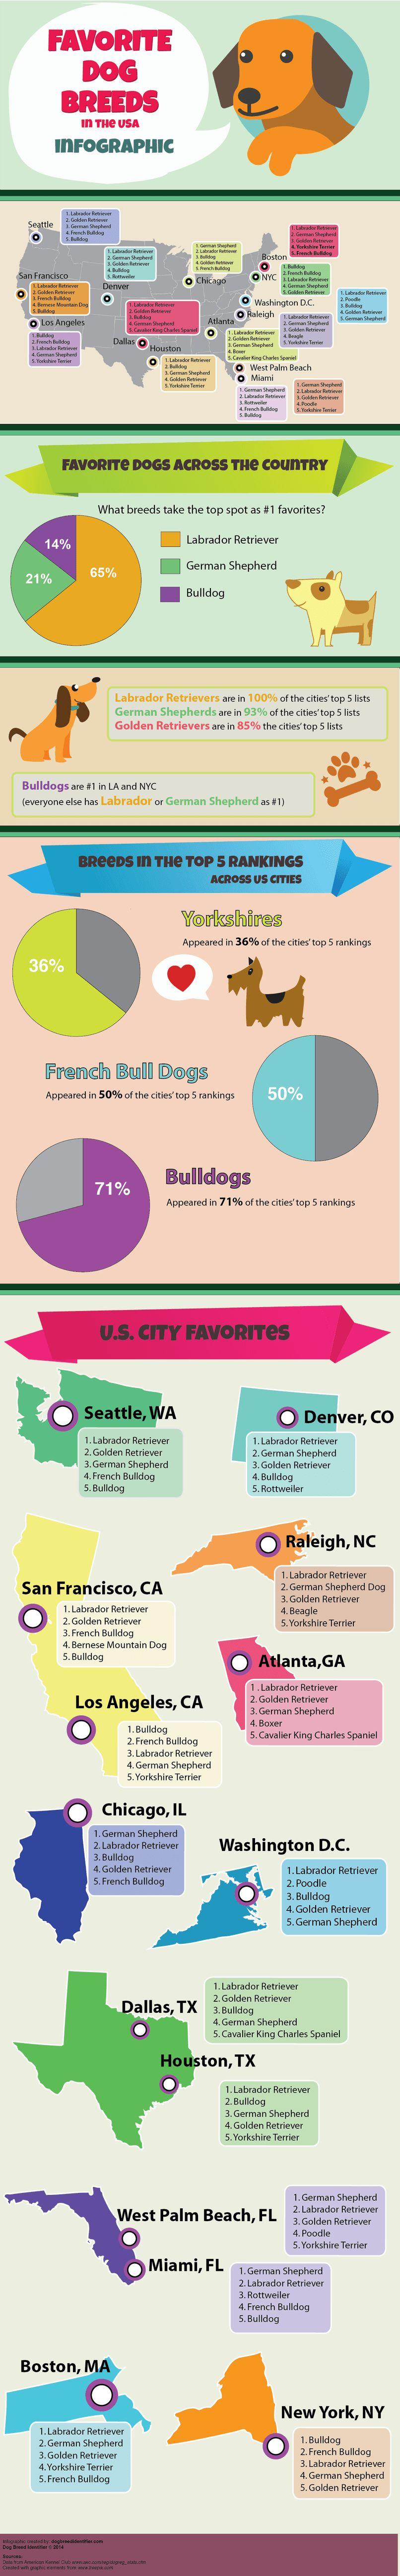 Top Dog Breeds aux Etats-Unis Infographic